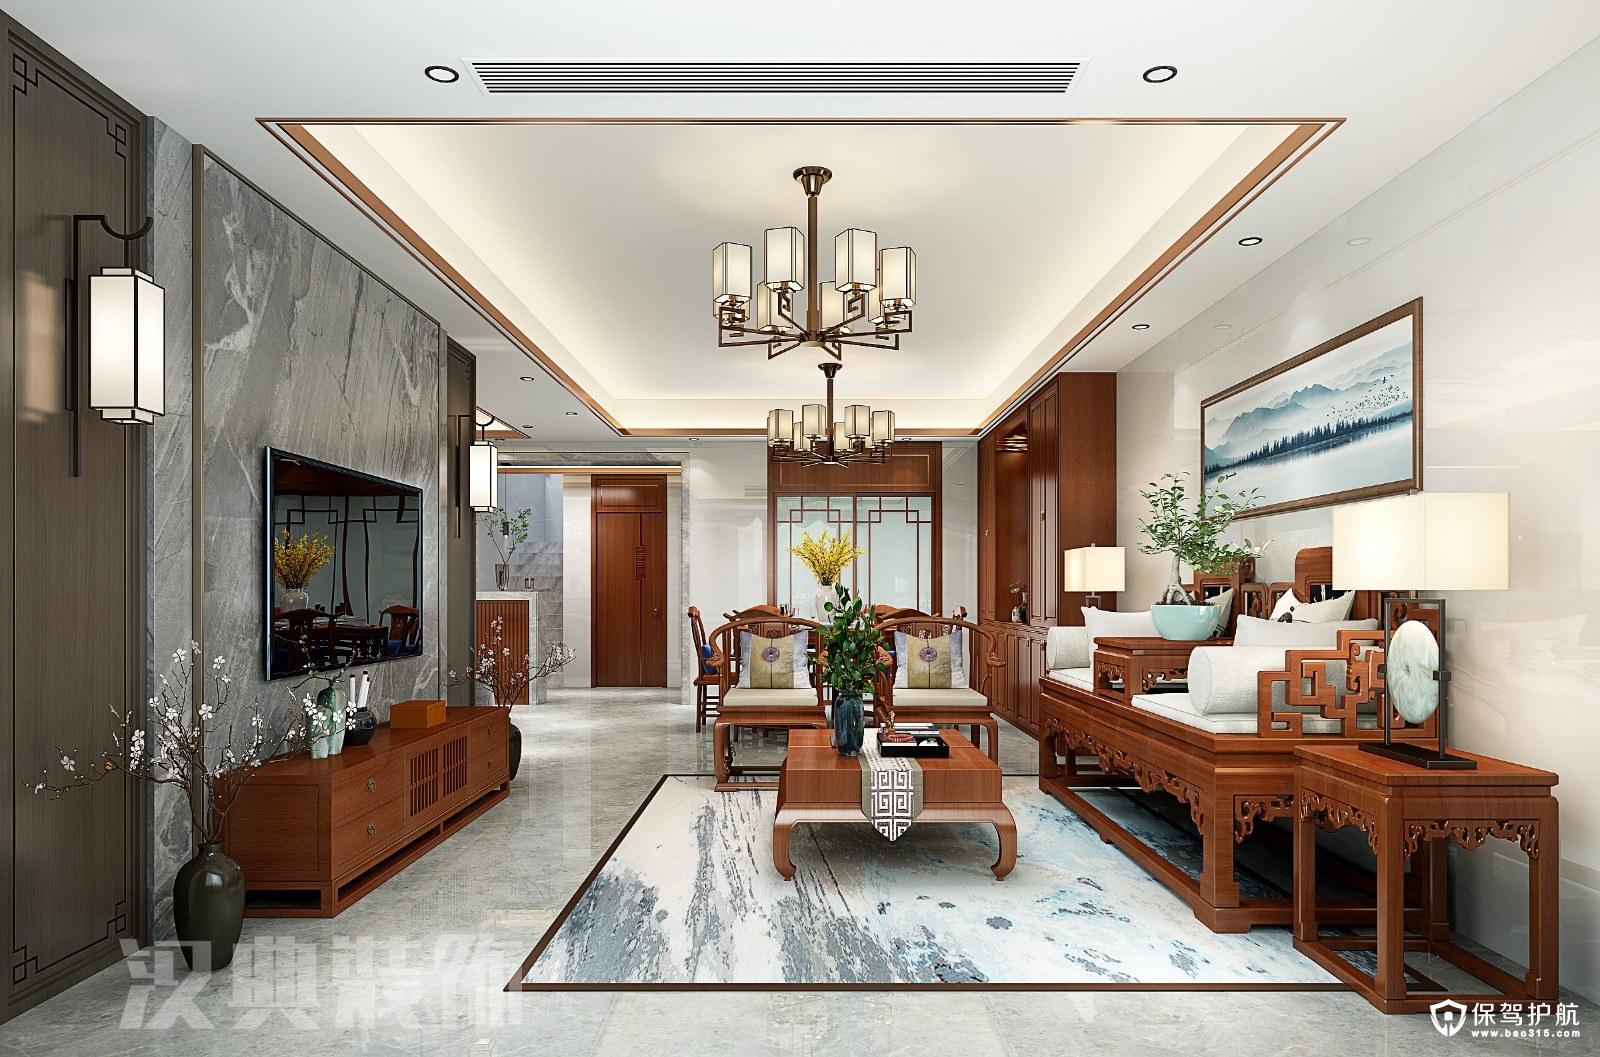 山语城现代中式风格四居室装修效果图